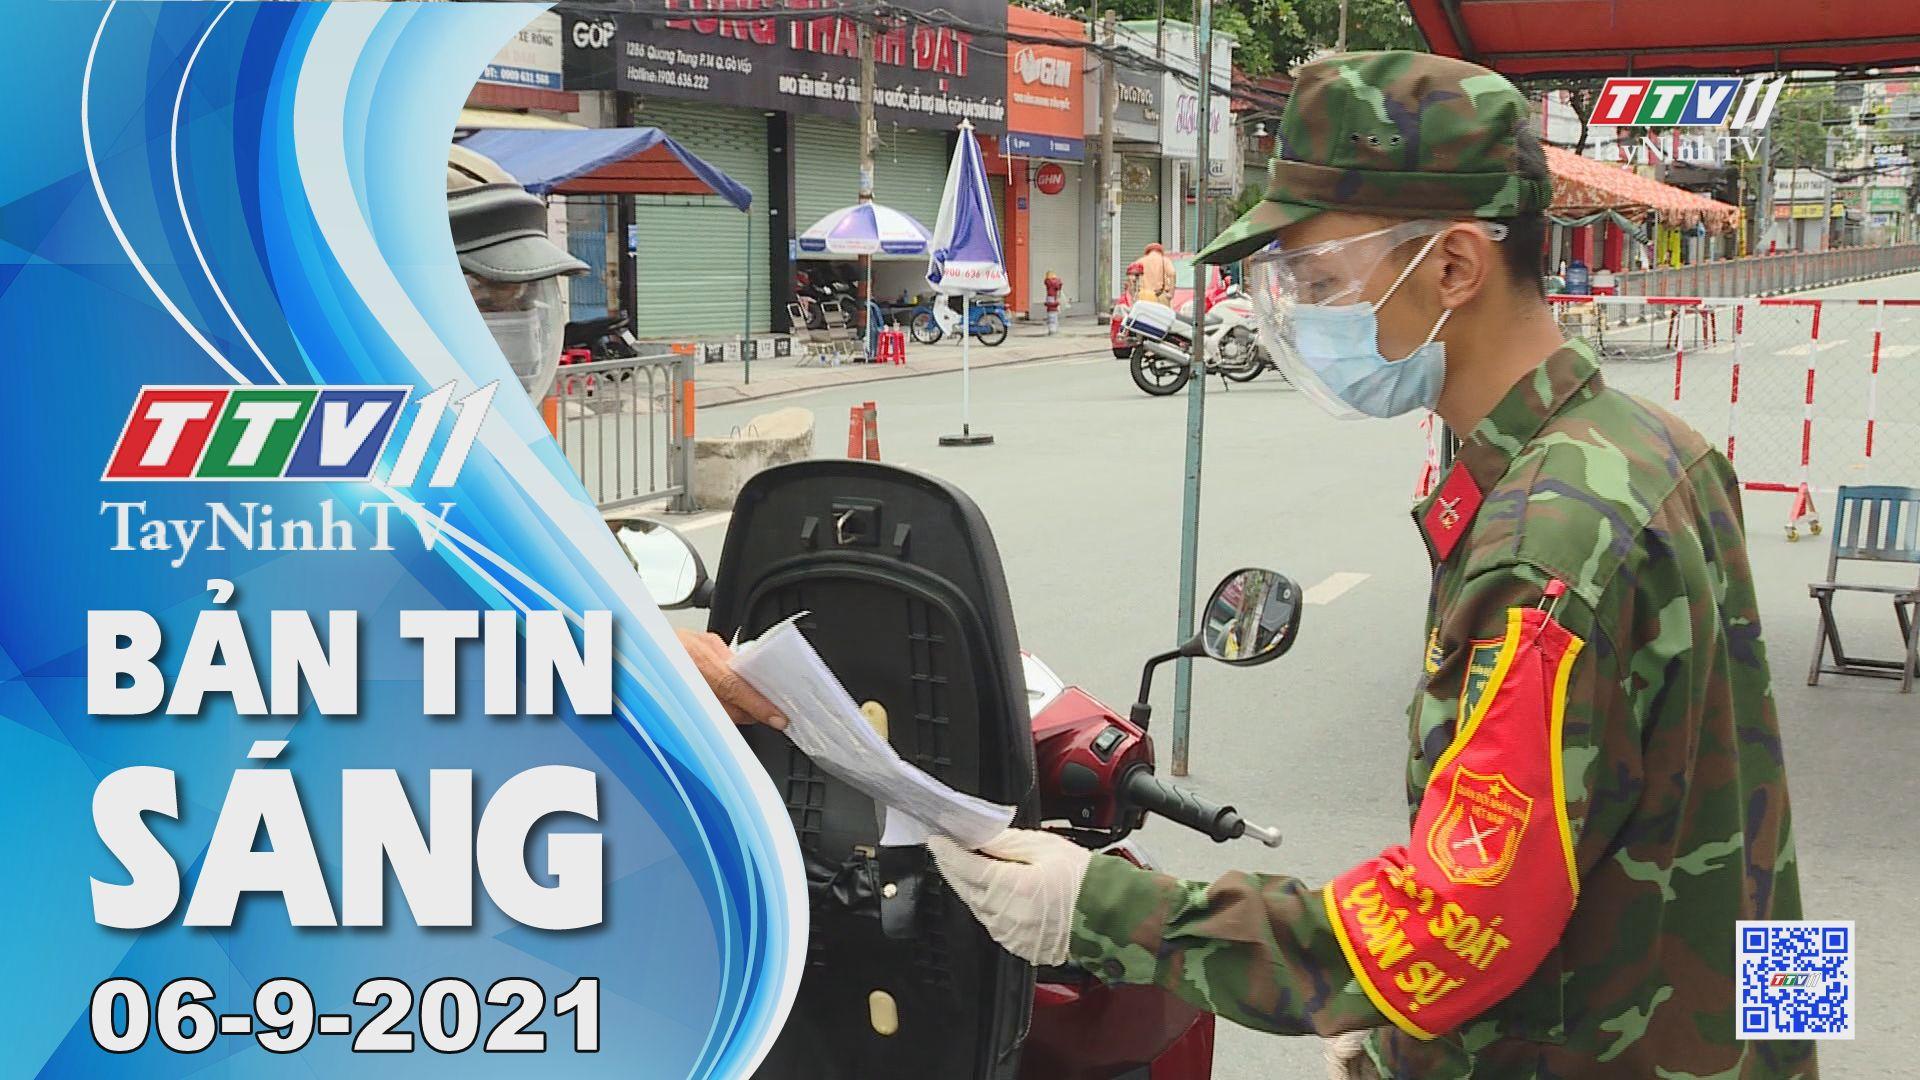 Bản tin sáng 06-9-2021 | Tin tức hôm nay | TayNinhTV